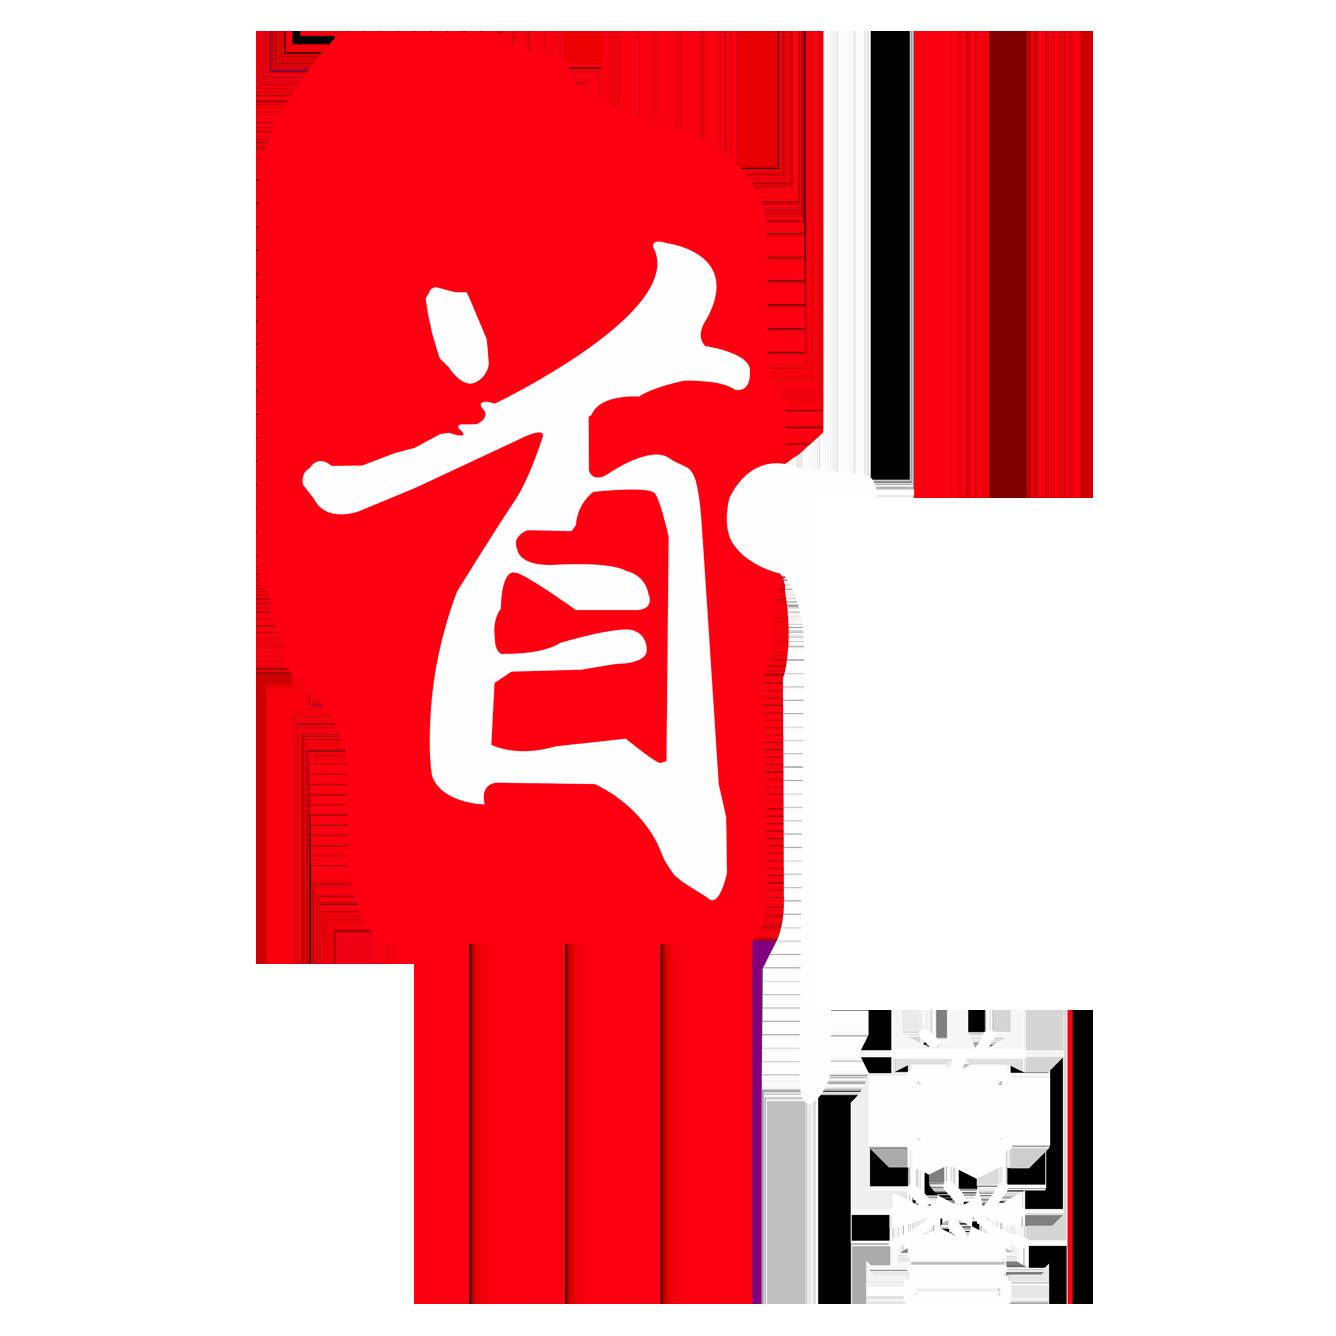 蓝冠注册底部导航logo,成都蓝冠注册广告传媒有限公司logo,